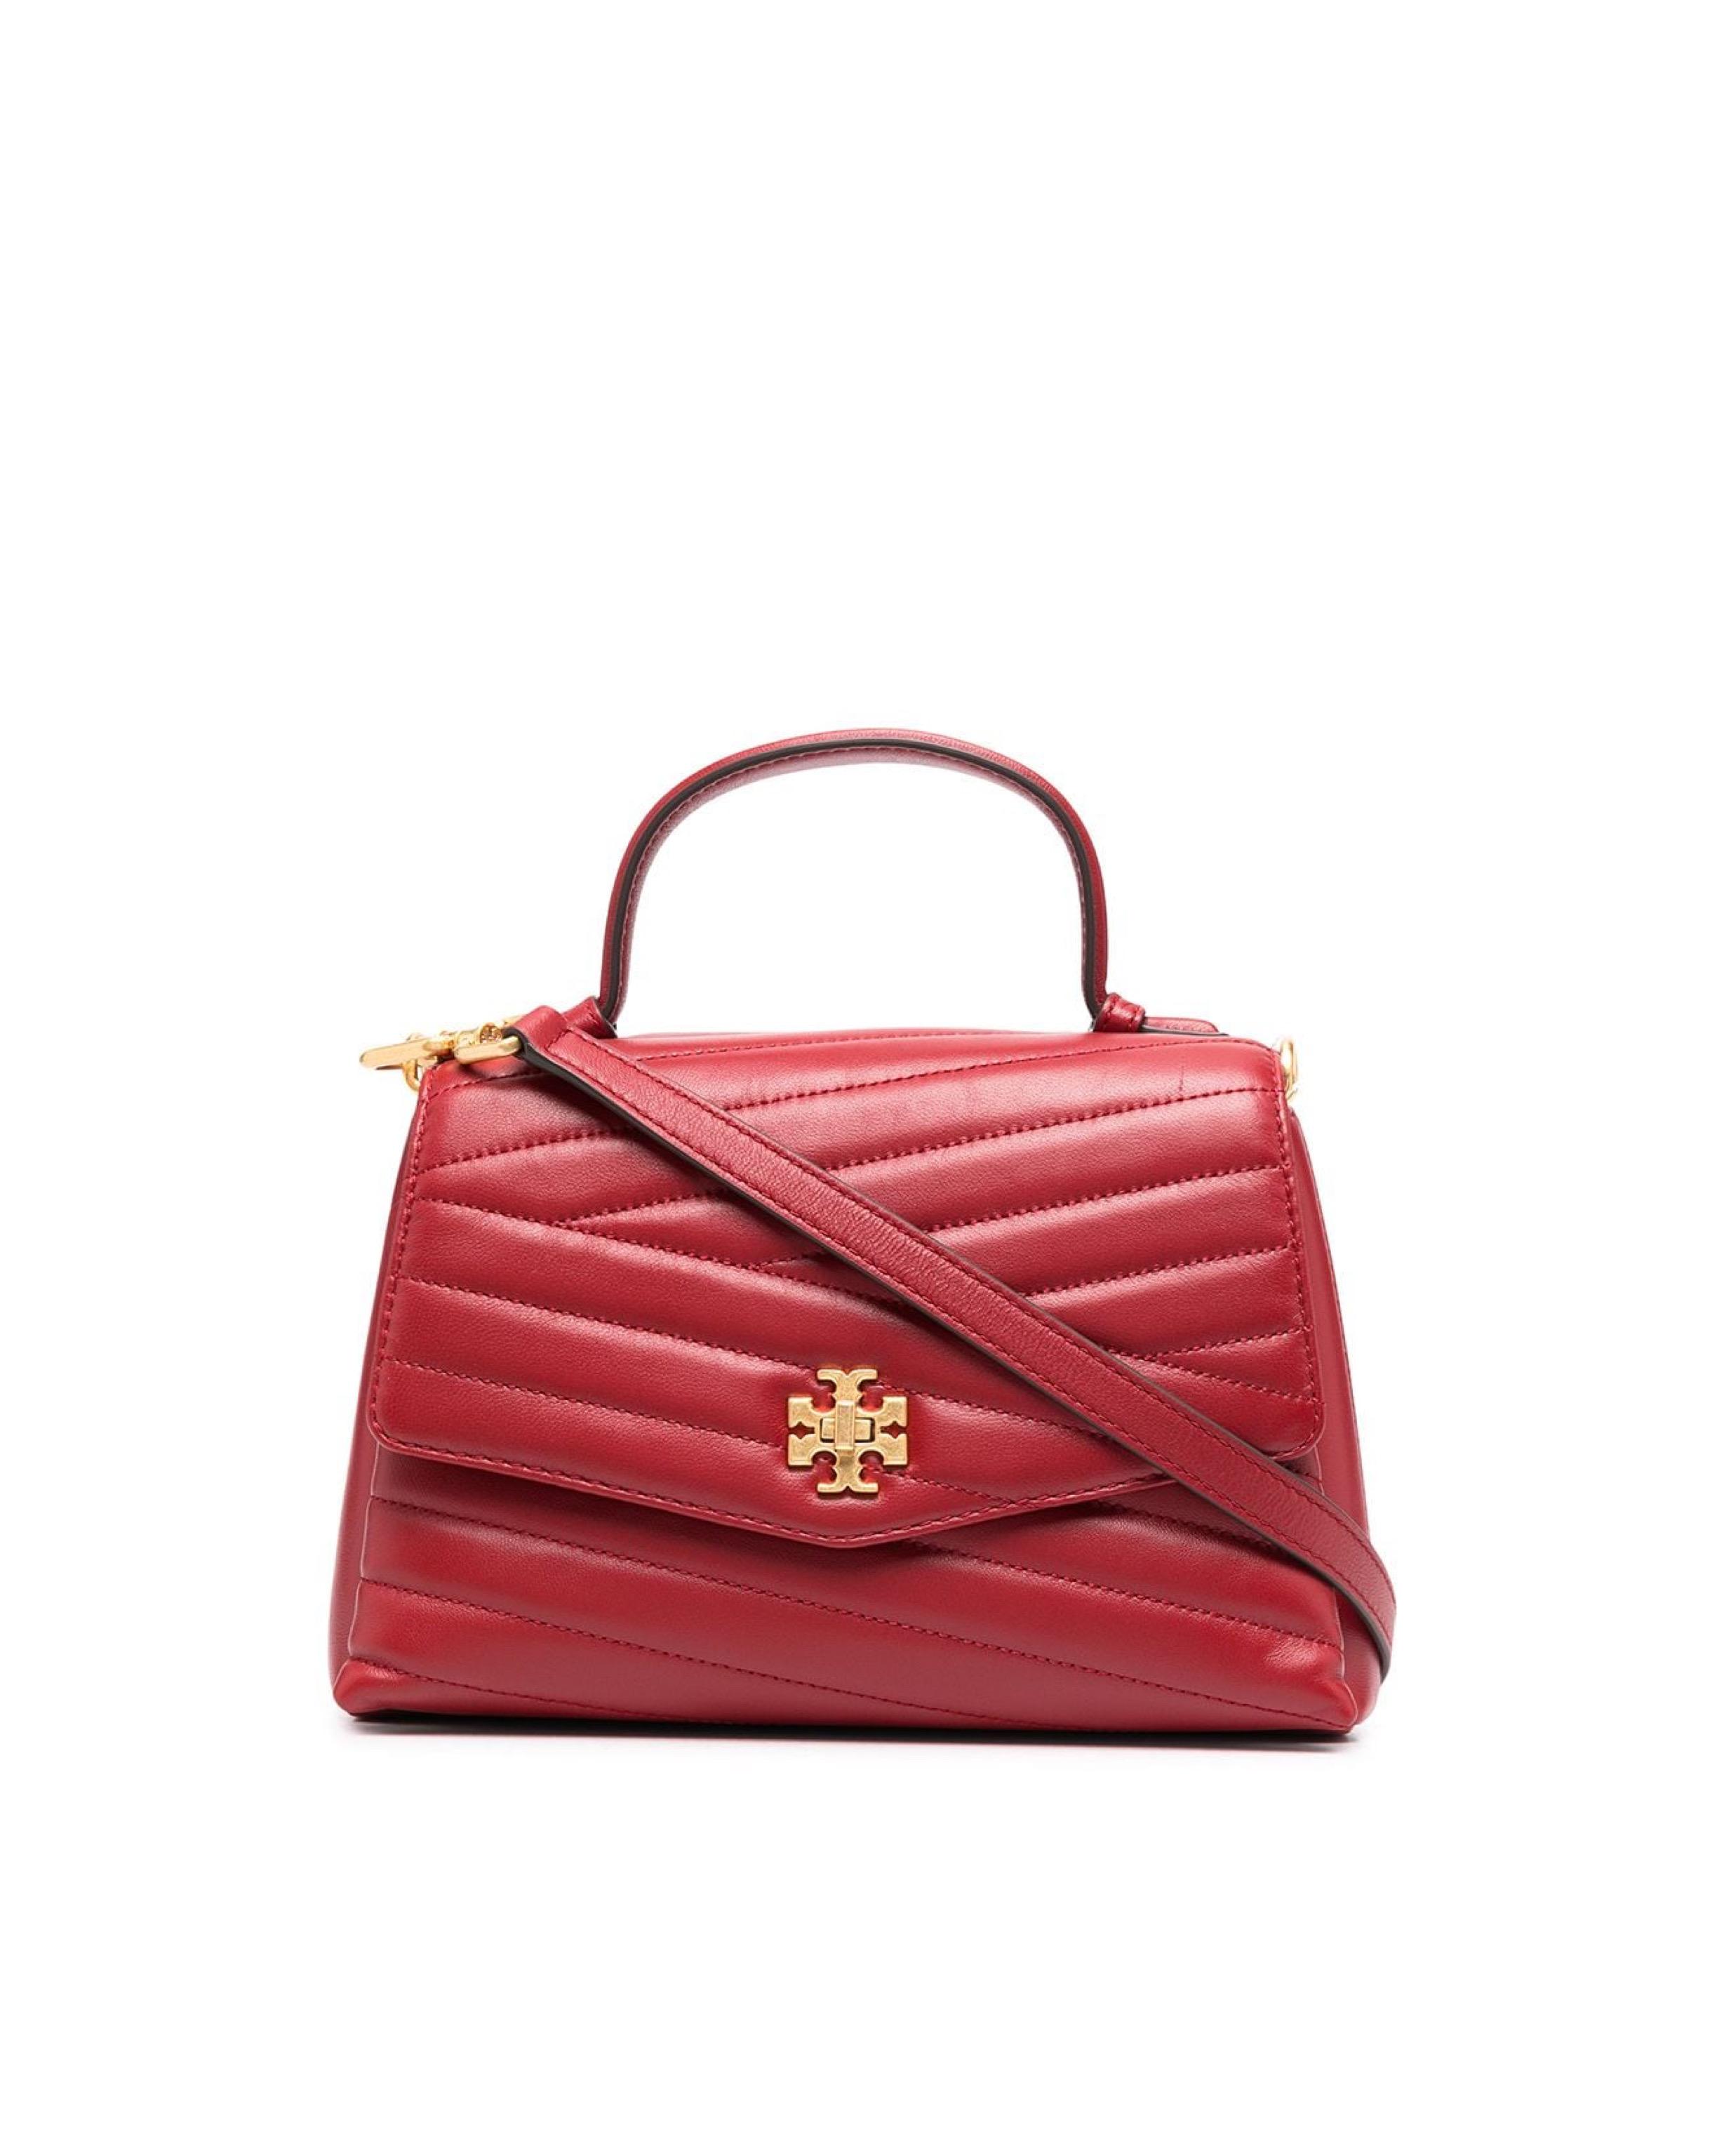 Tory Burch Tote Bag $525.00